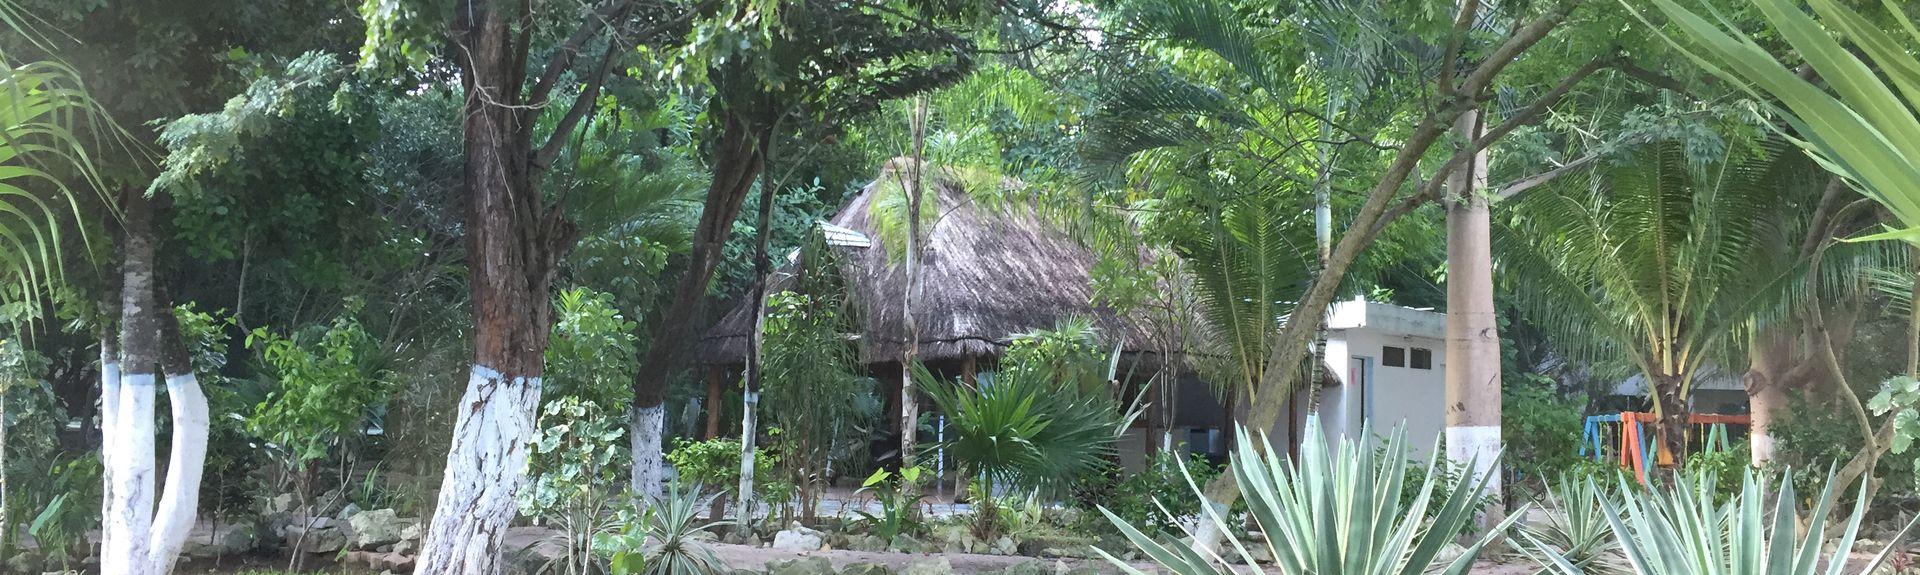 Gonzalo Guerrero, Playa del Carmen, Quintana Roo, Messico